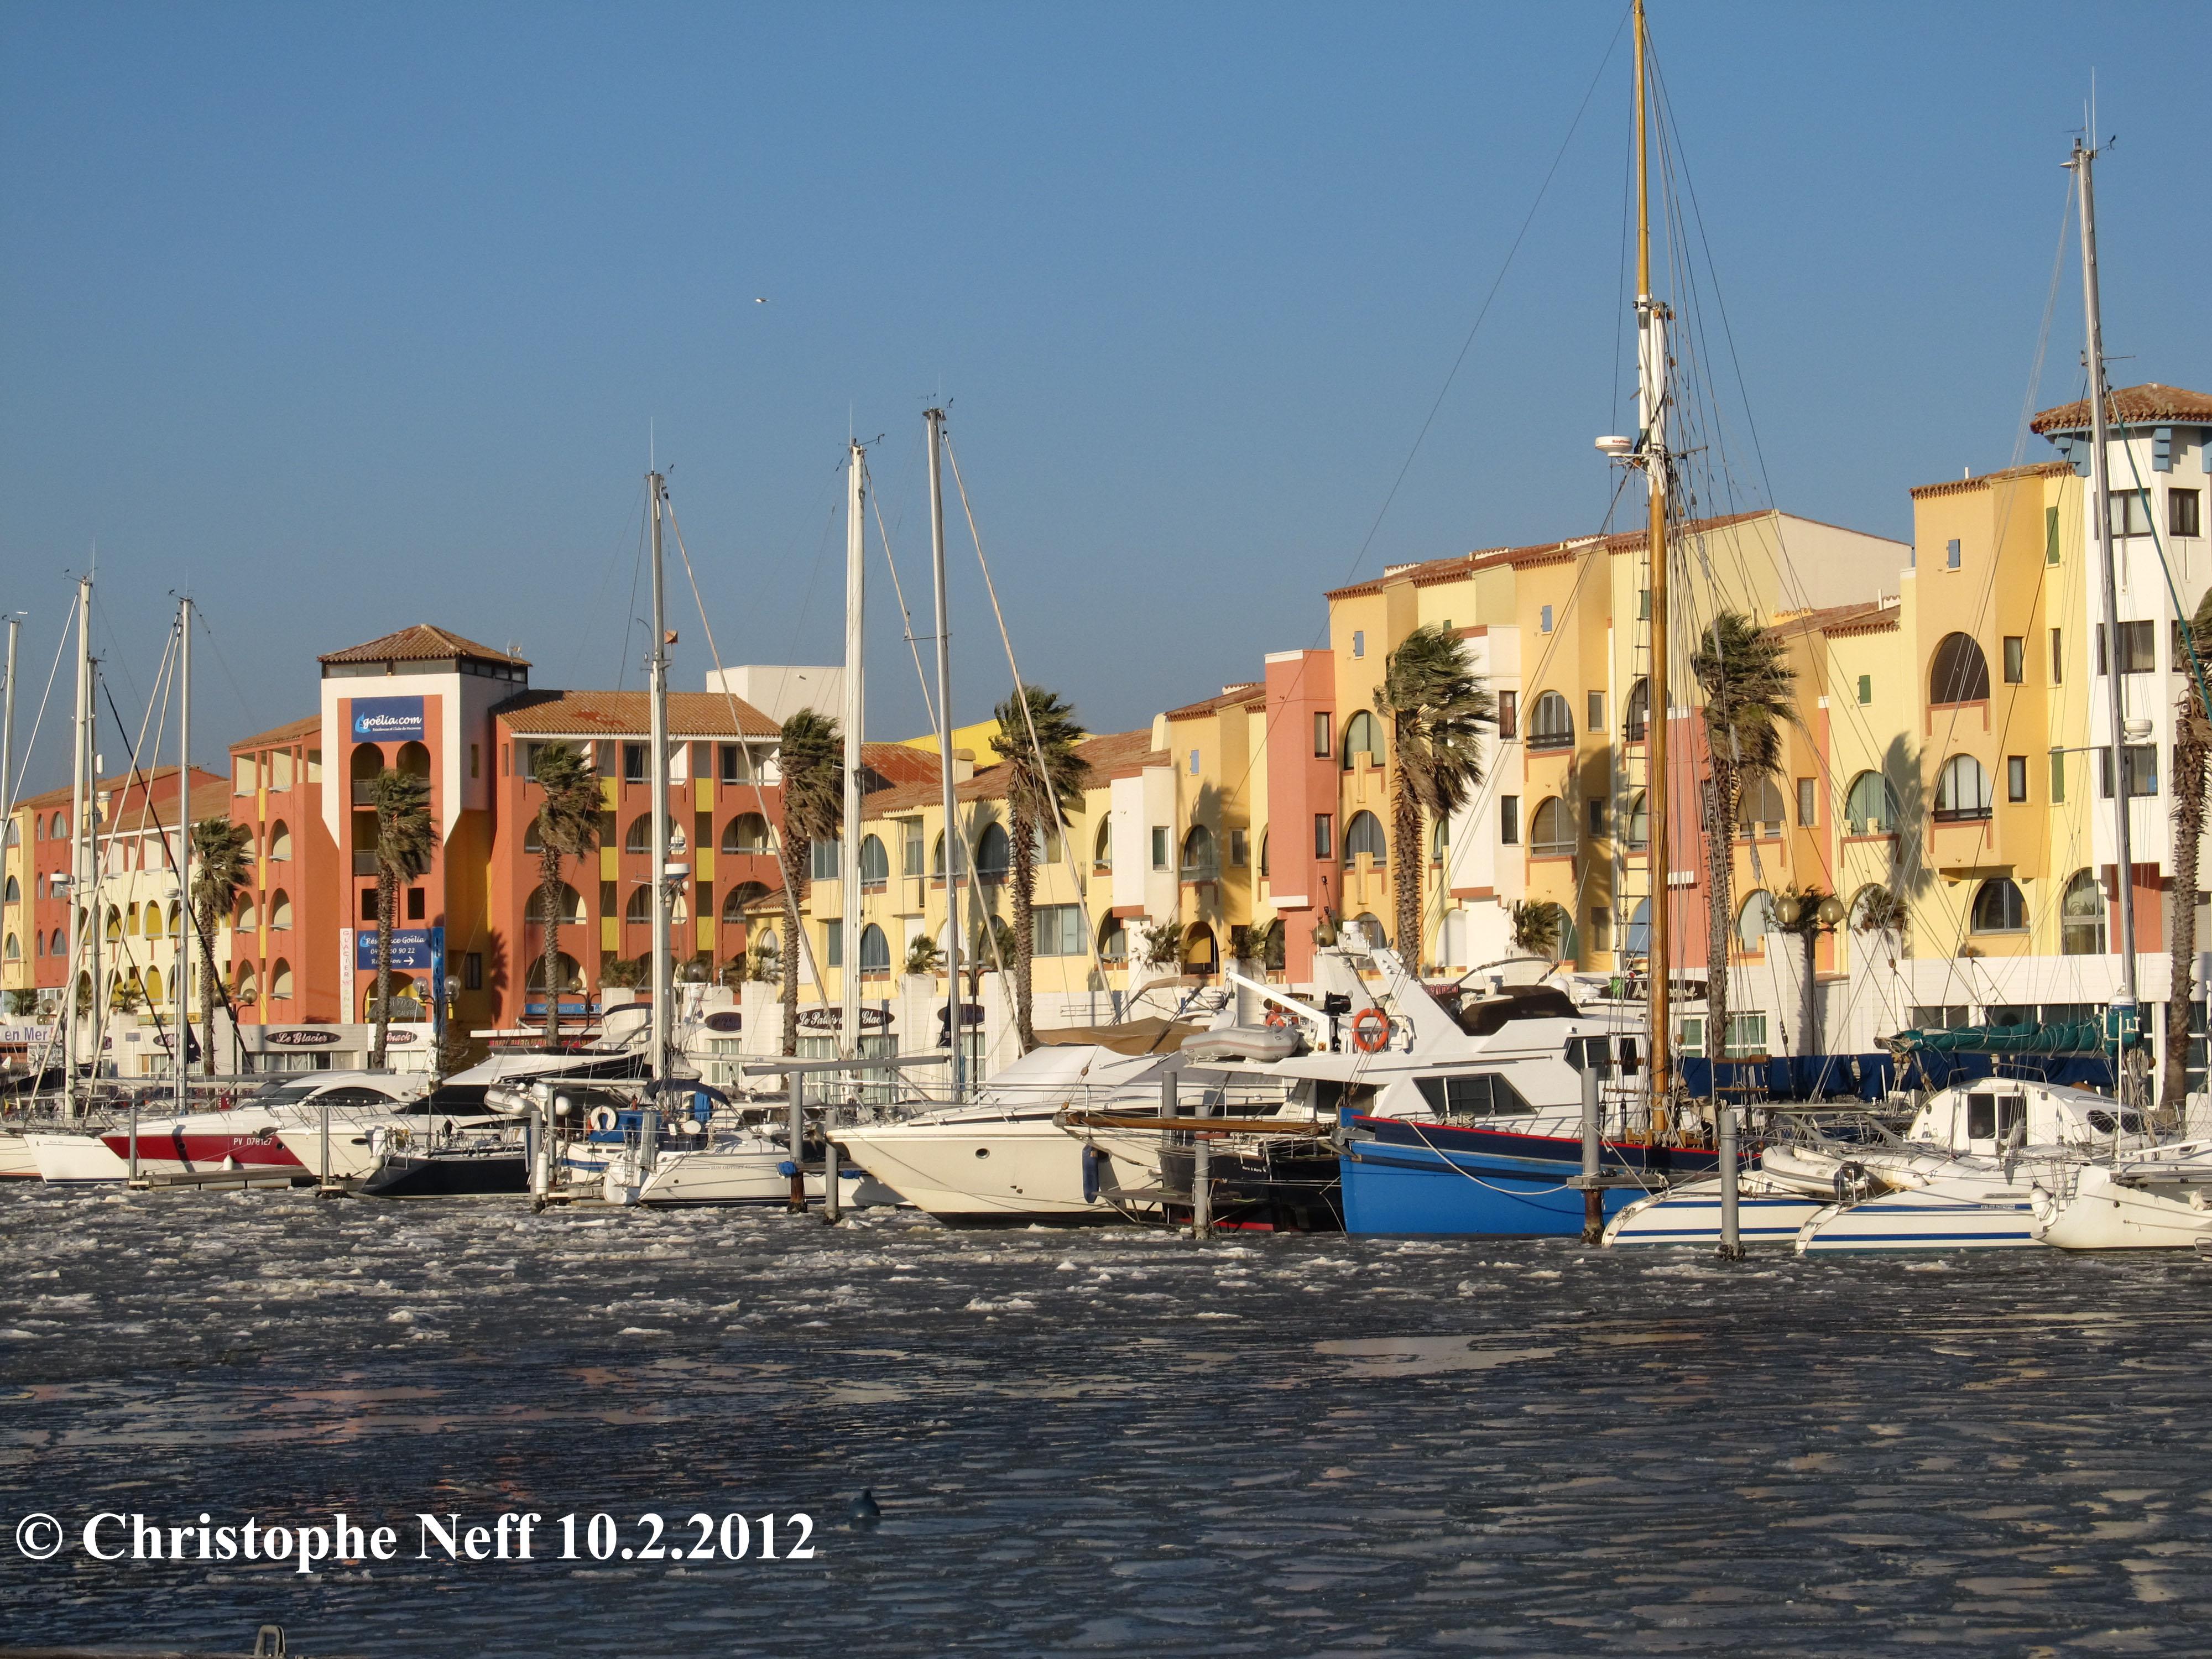 La banquise au Port de Port Leucate 3 10.2.2012